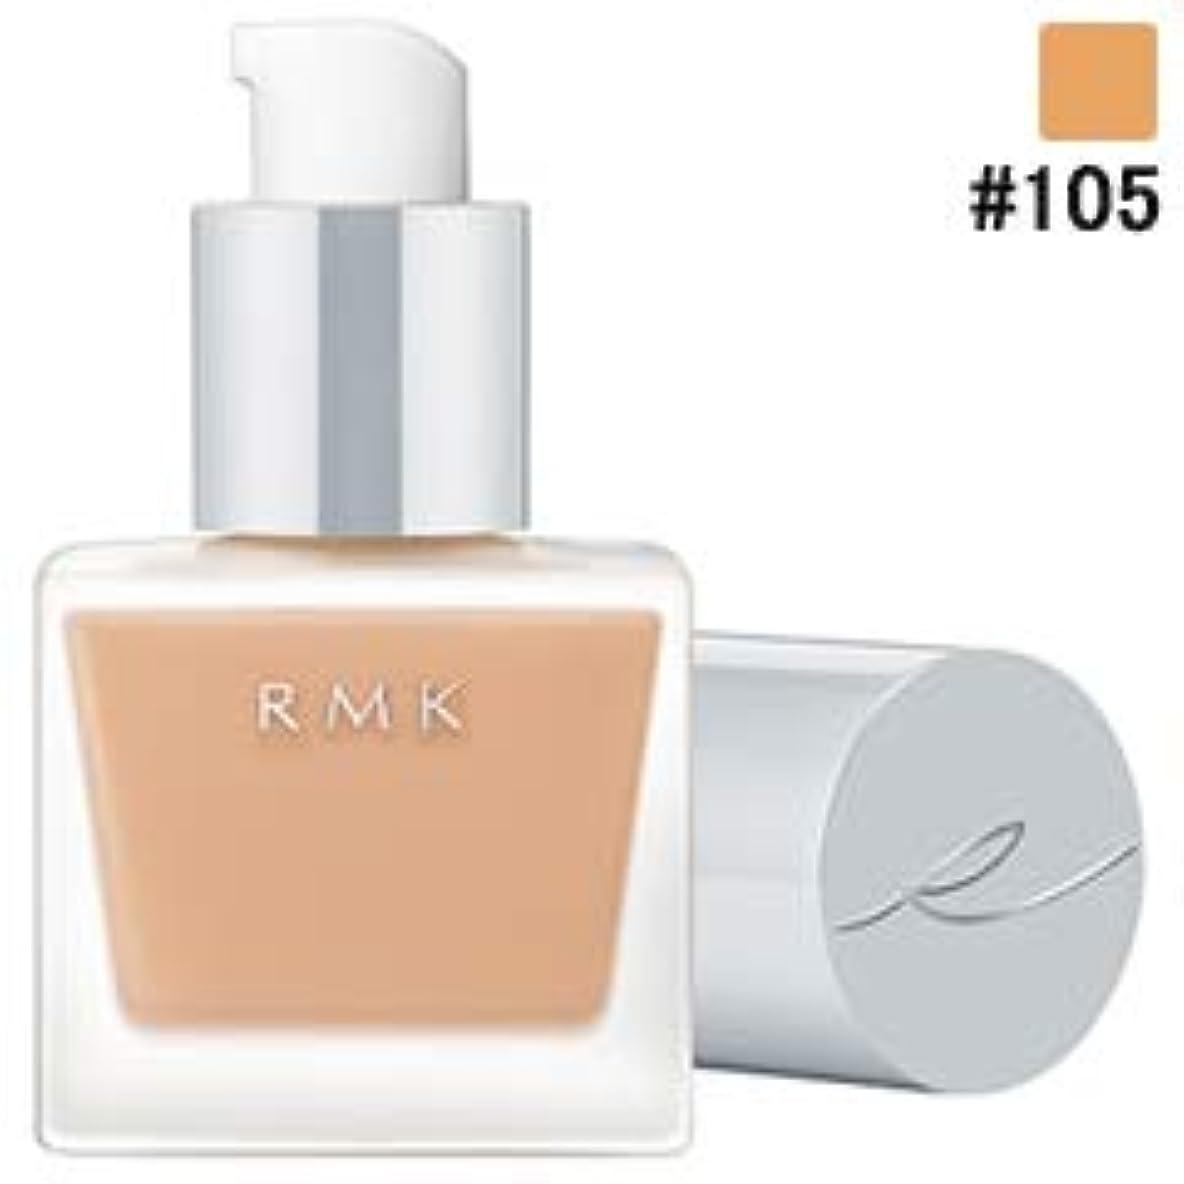 手伝う販売計画ブラジャー【RMK (ルミコ)】リクイドファンデーション #105 30ml